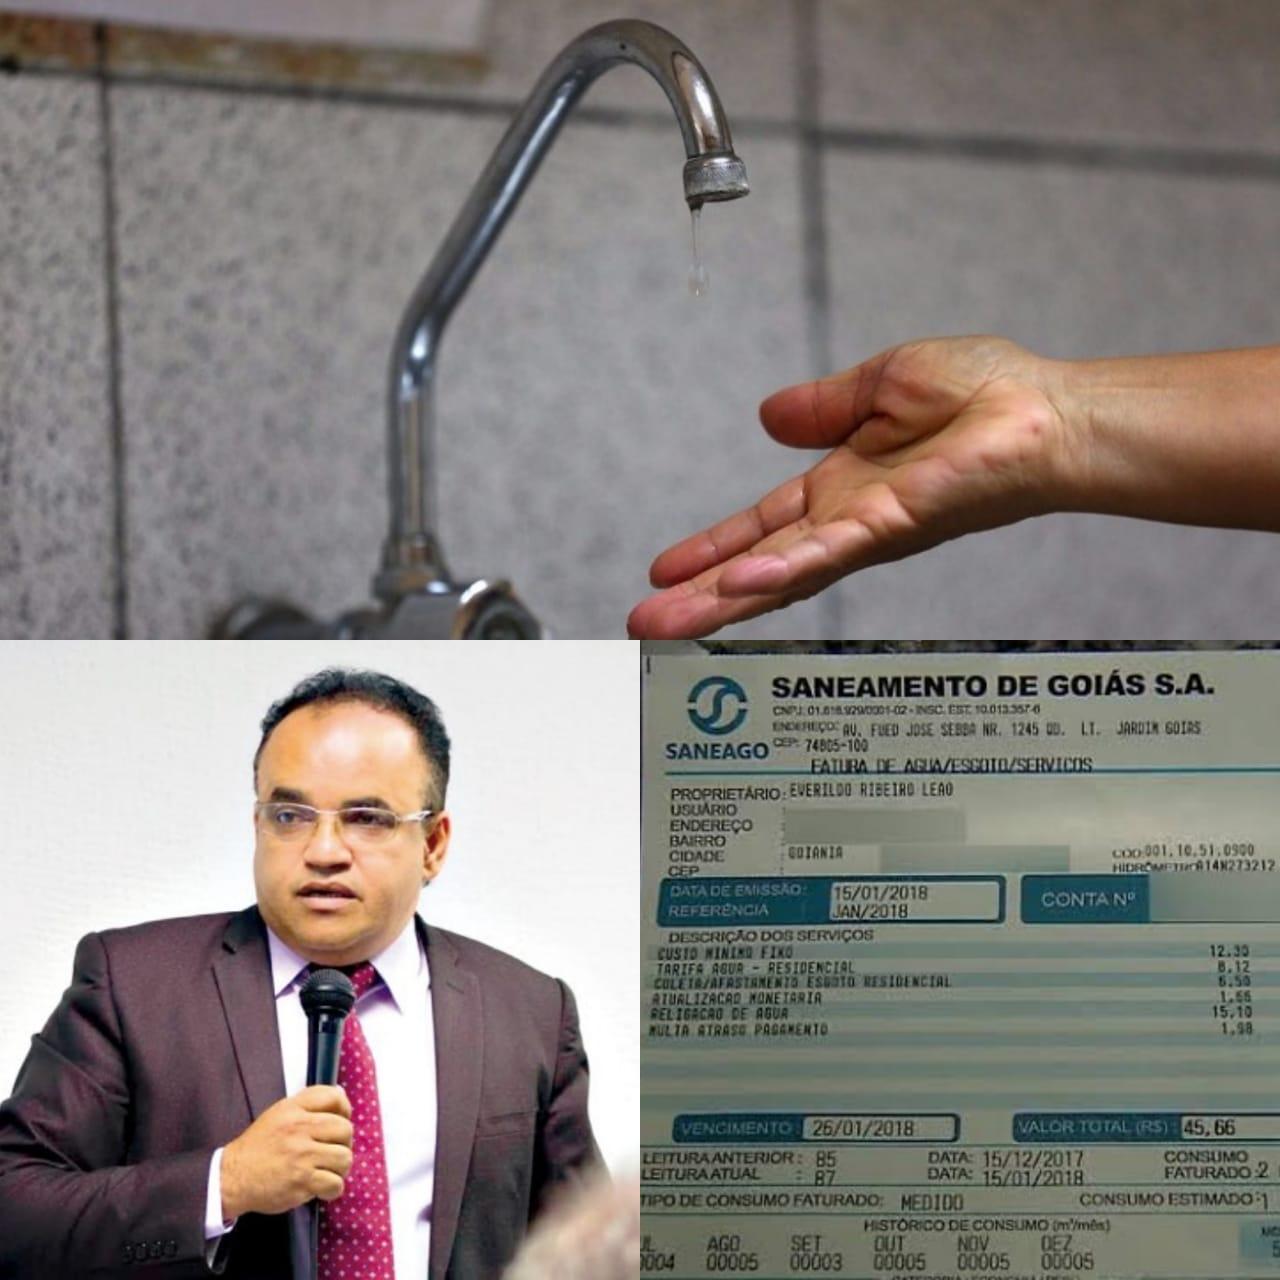 Vereador quer explicação da Saneago para aumento de tarifas de água e esgoto